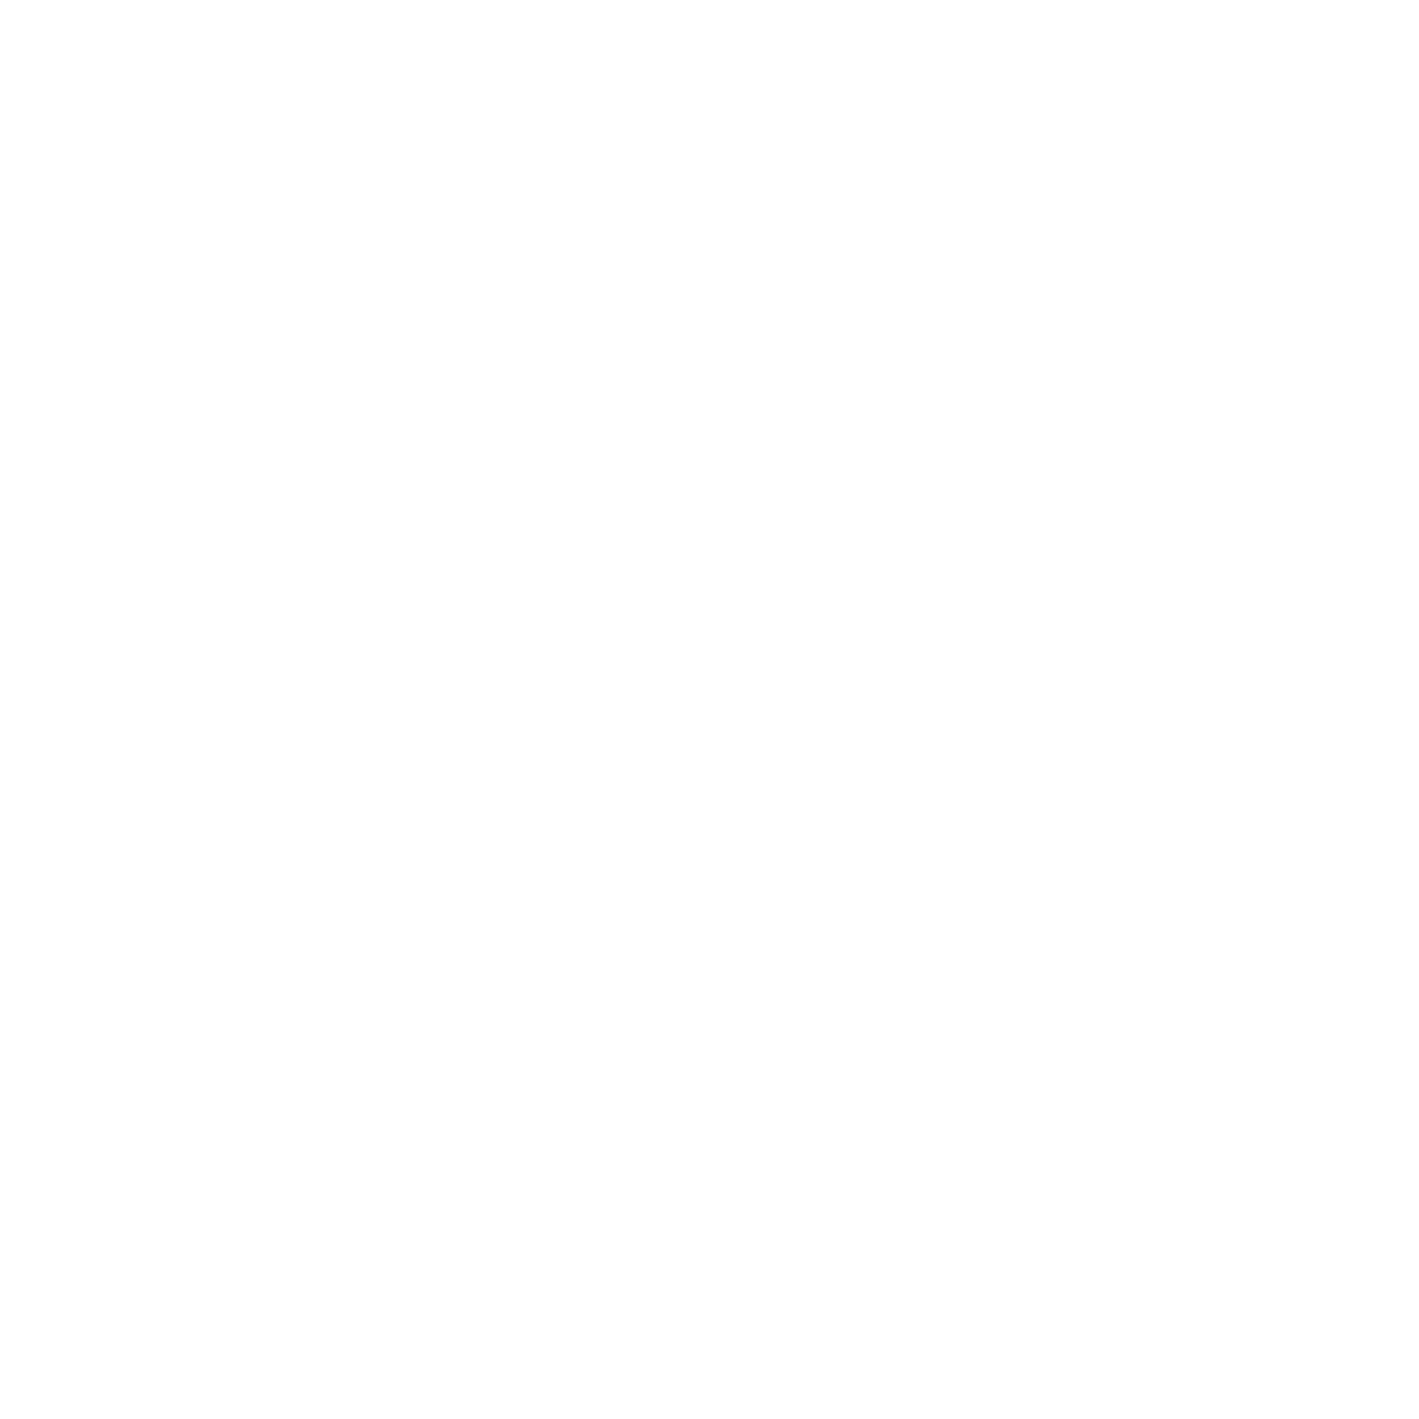 フットボールすでに真鍮空調服 セット (フルセット) ジーベック ベスト 膨らみ軽減 スポーティ ポリエステル100% XE98010 色:迷彩シルバーグレー サイズ:L ファン色:グレー